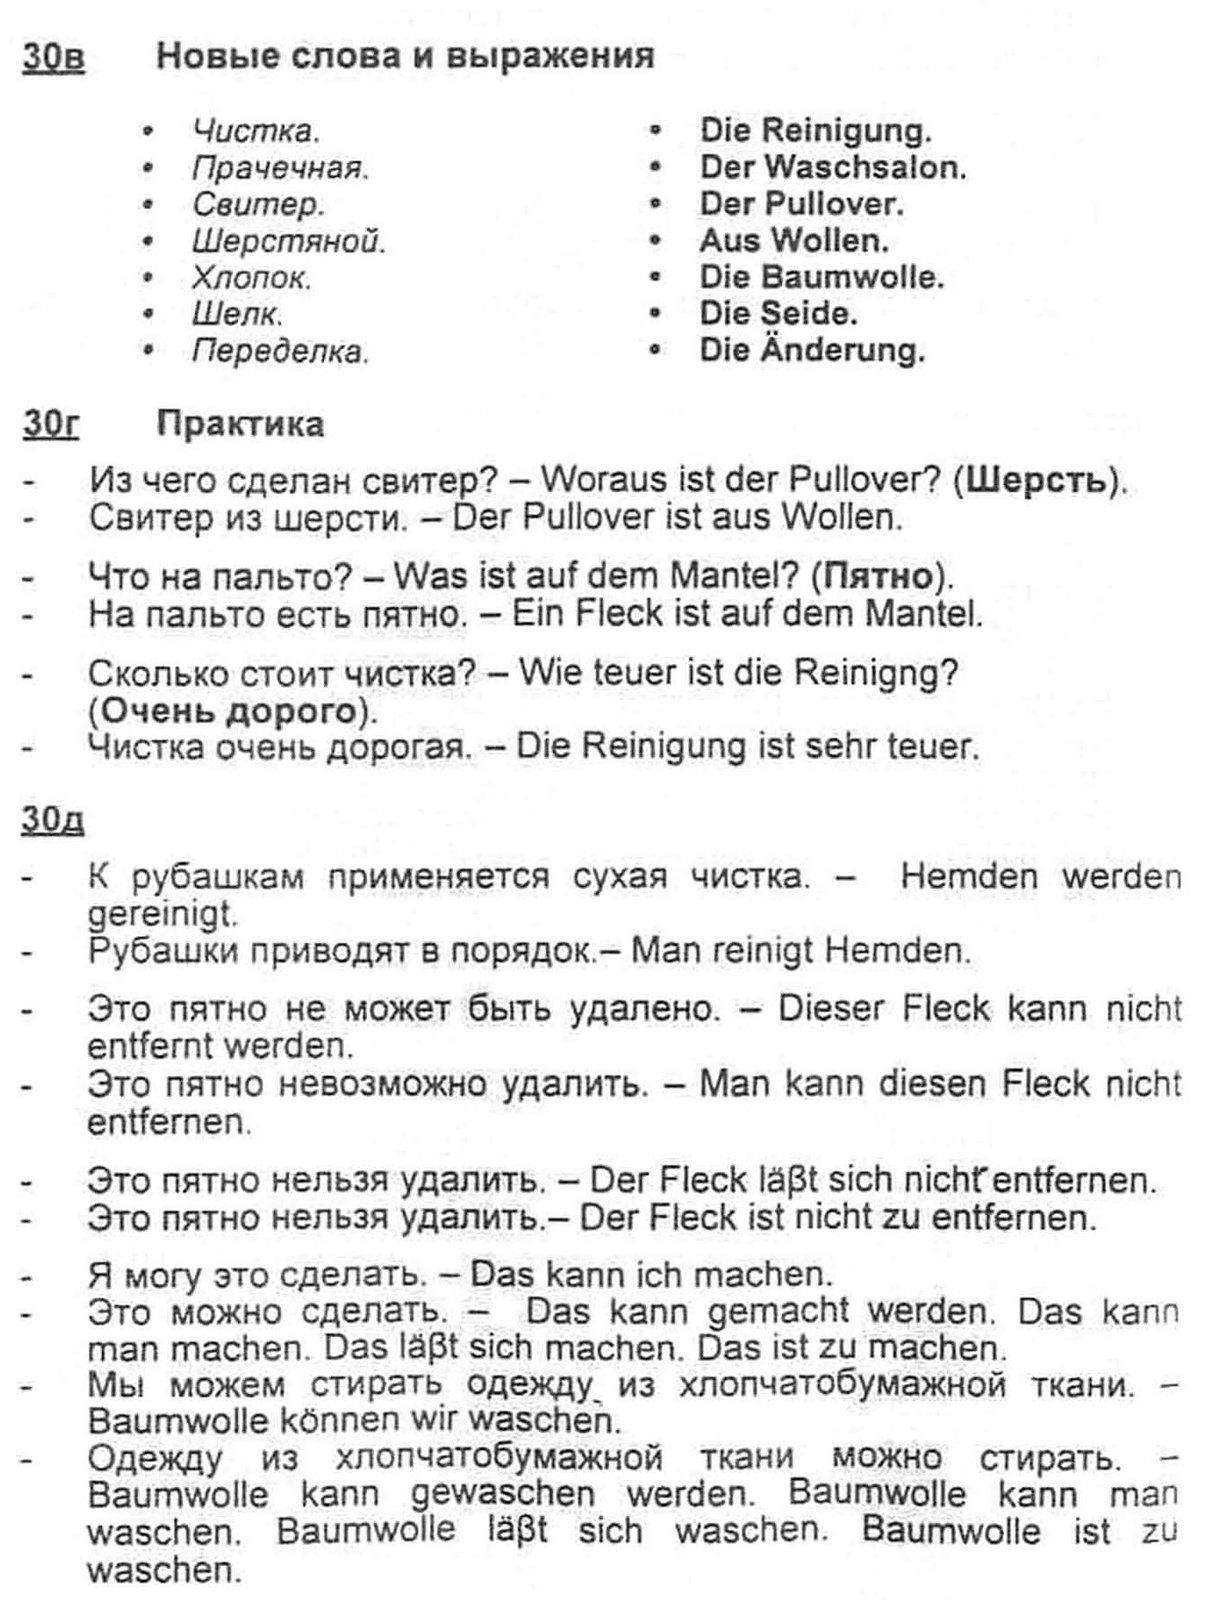 """Аудиокурс немецкого языка для самостоятельного изучения. Урок 30. """"Химчистка"""""""